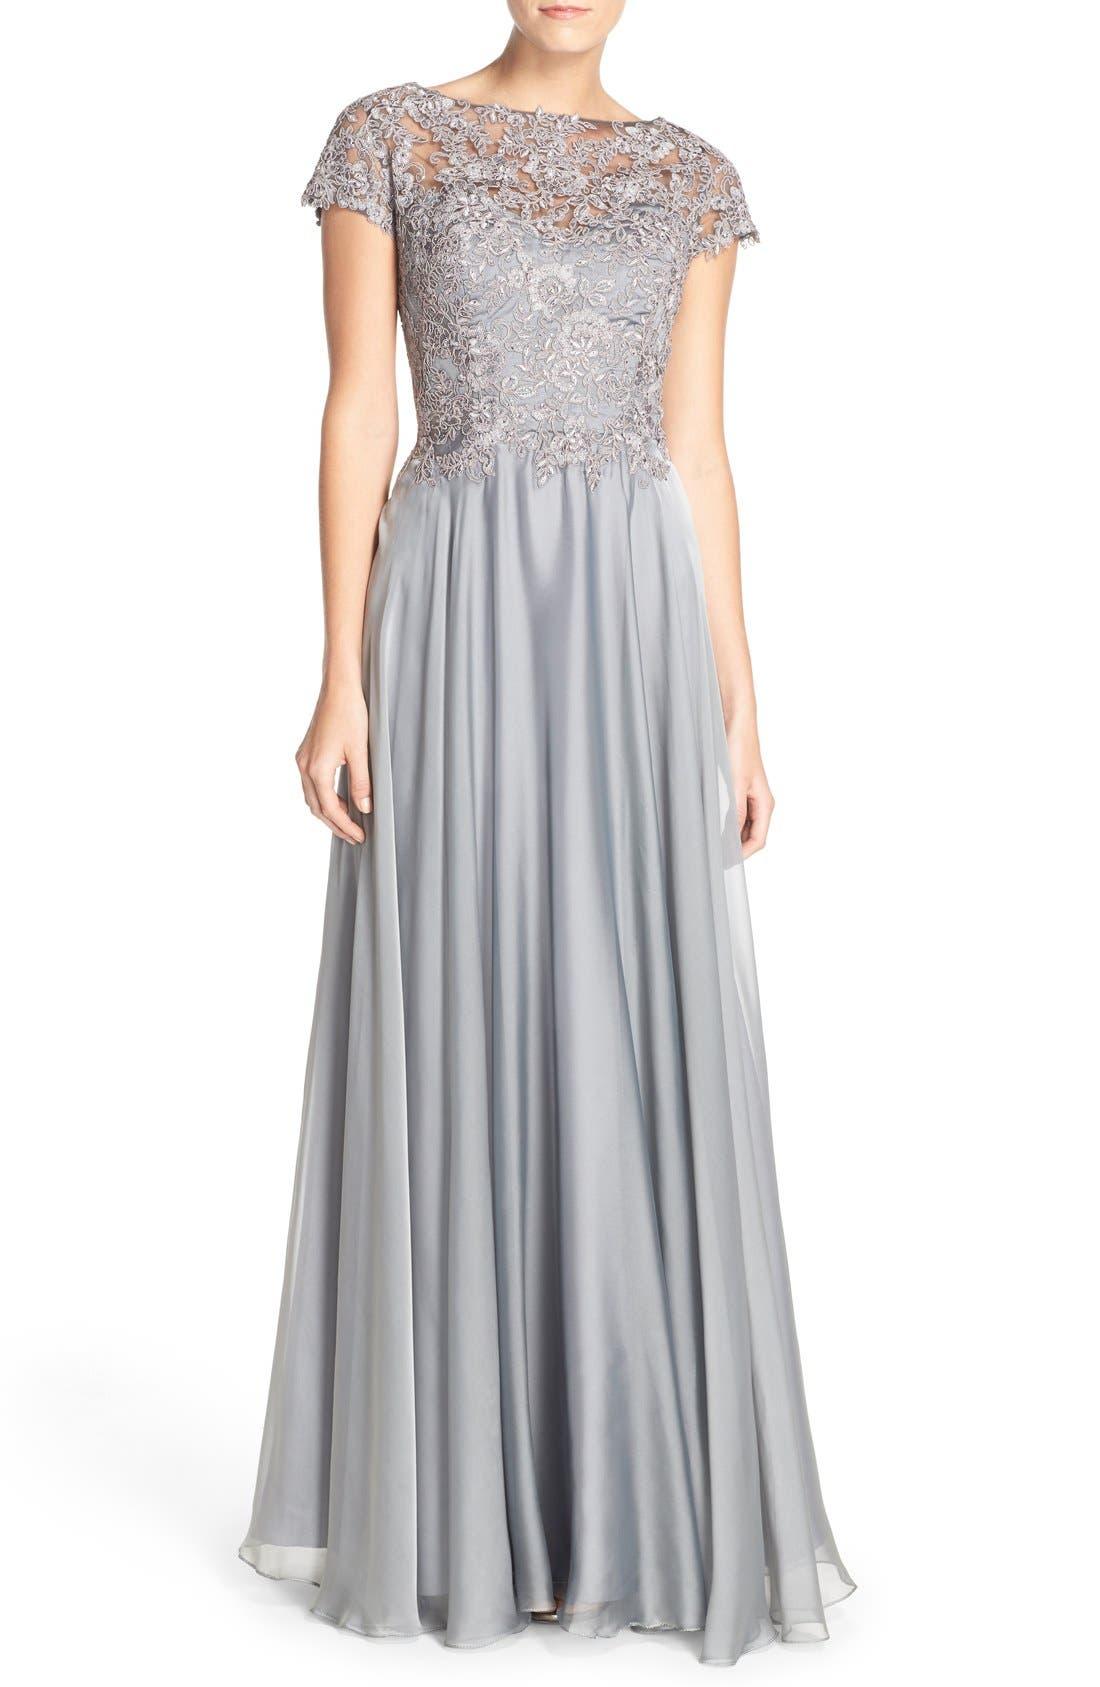 Embellished Dresses for Women